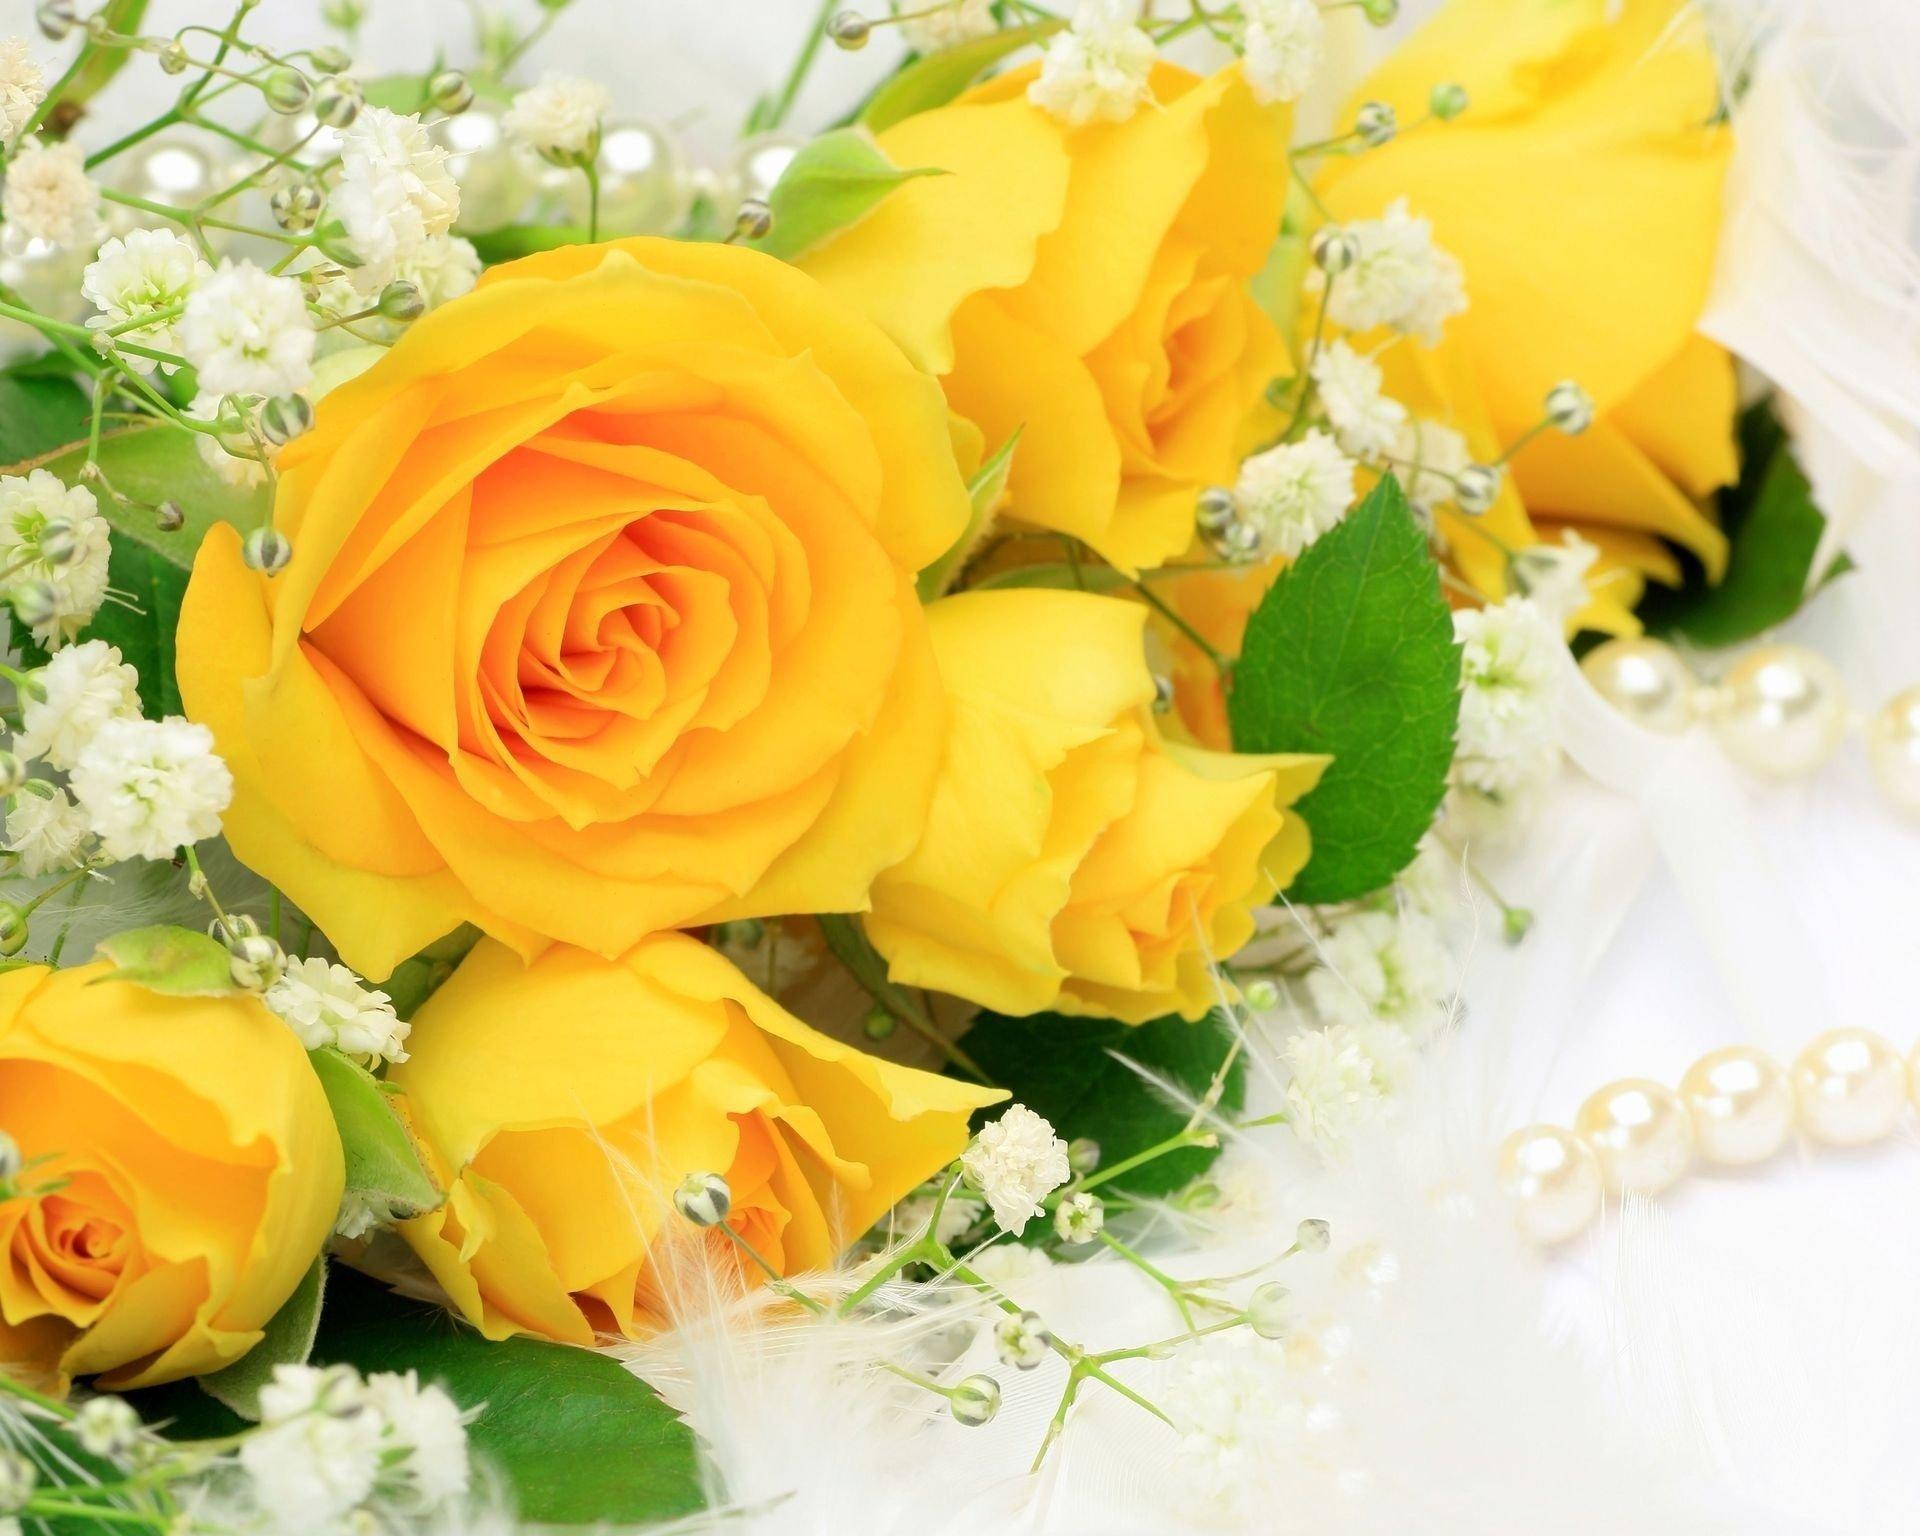 букет роз обои на рабочий стол в высоком качестве № 178041 загрузить